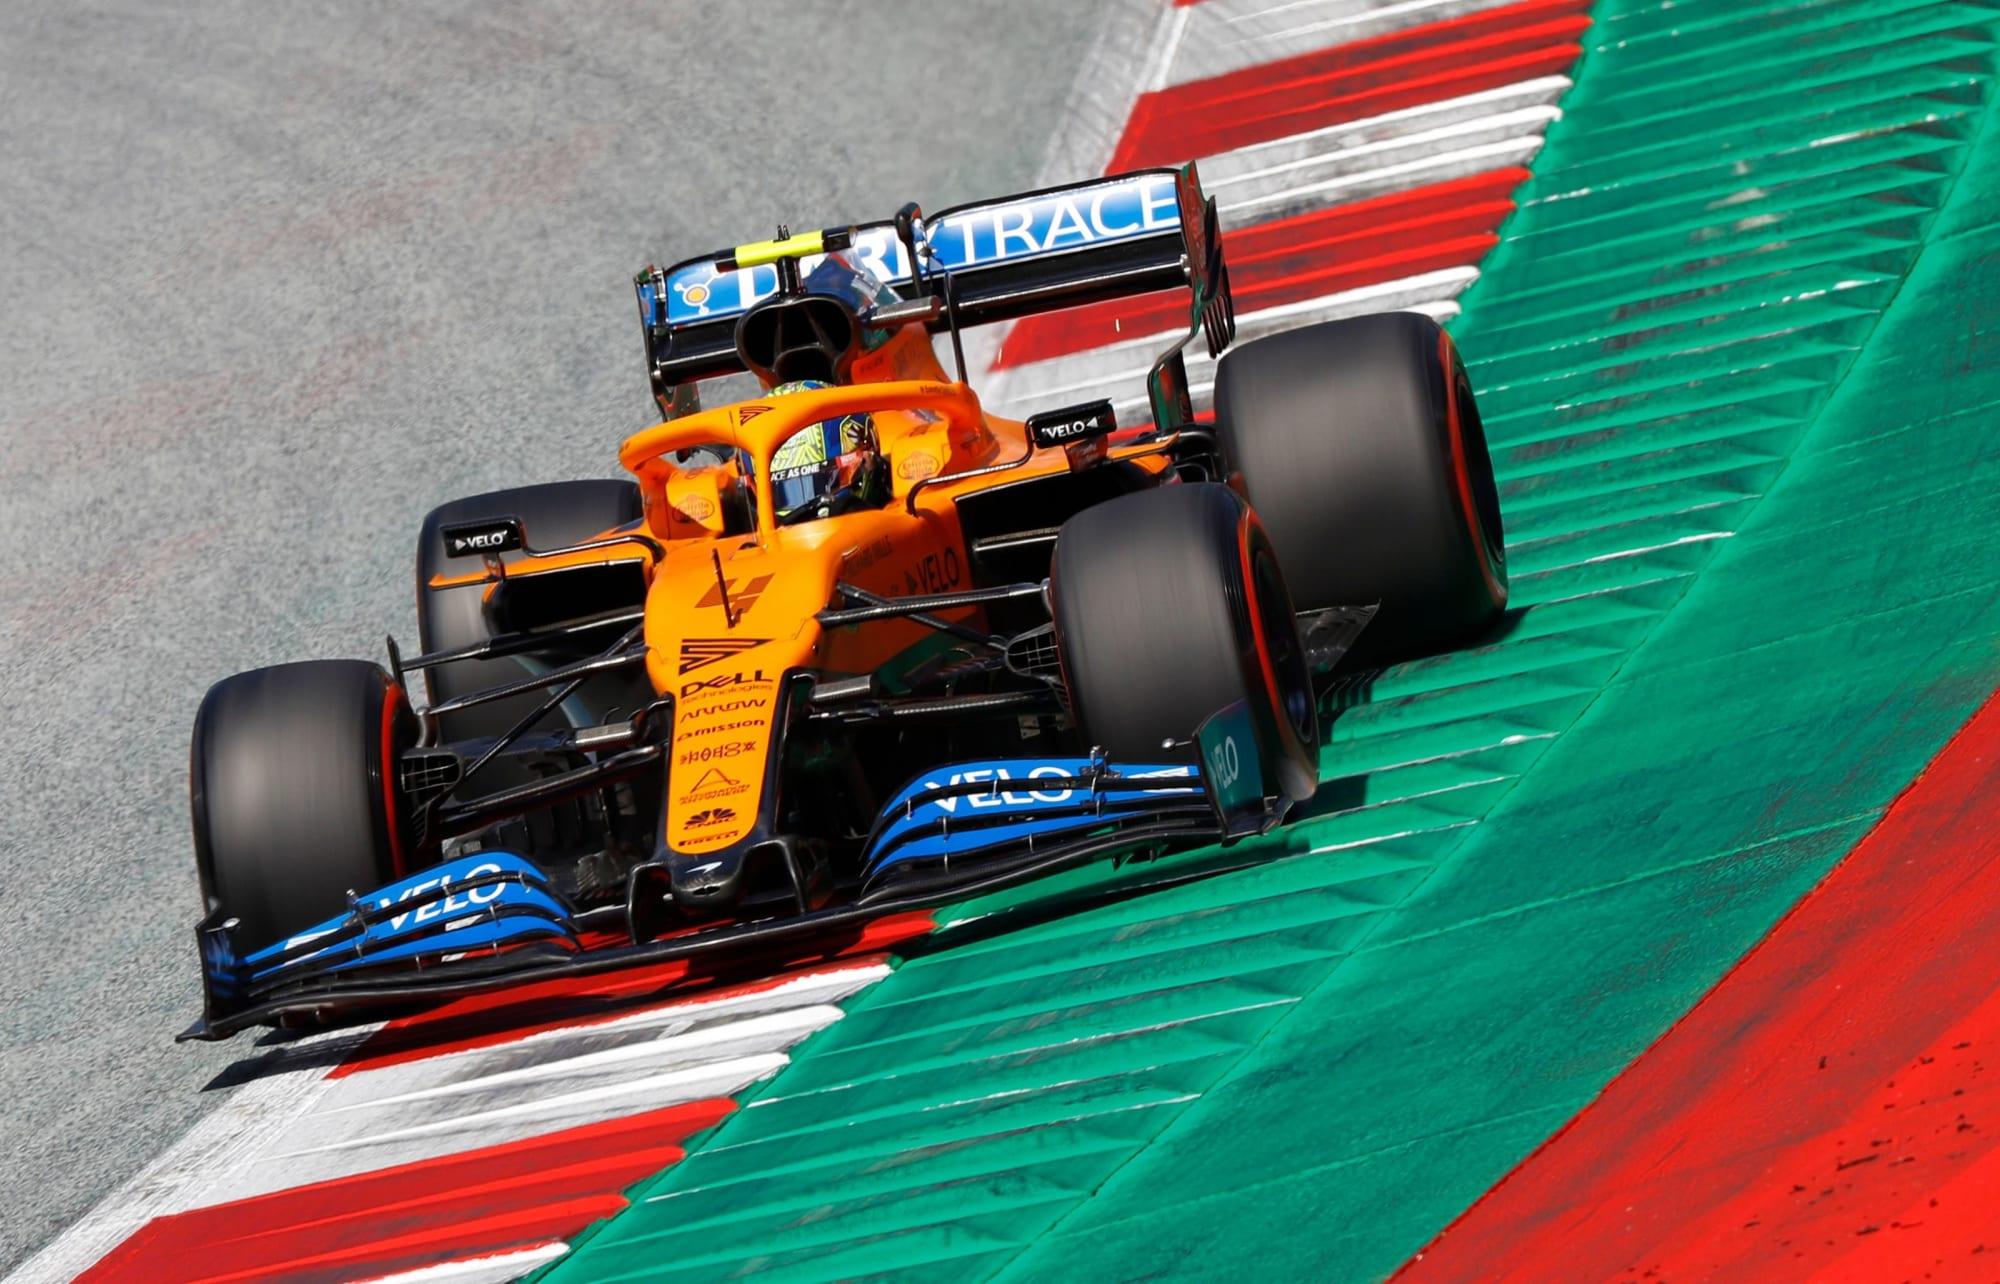 Formula 1: How Lando Norris secured his maiden podium